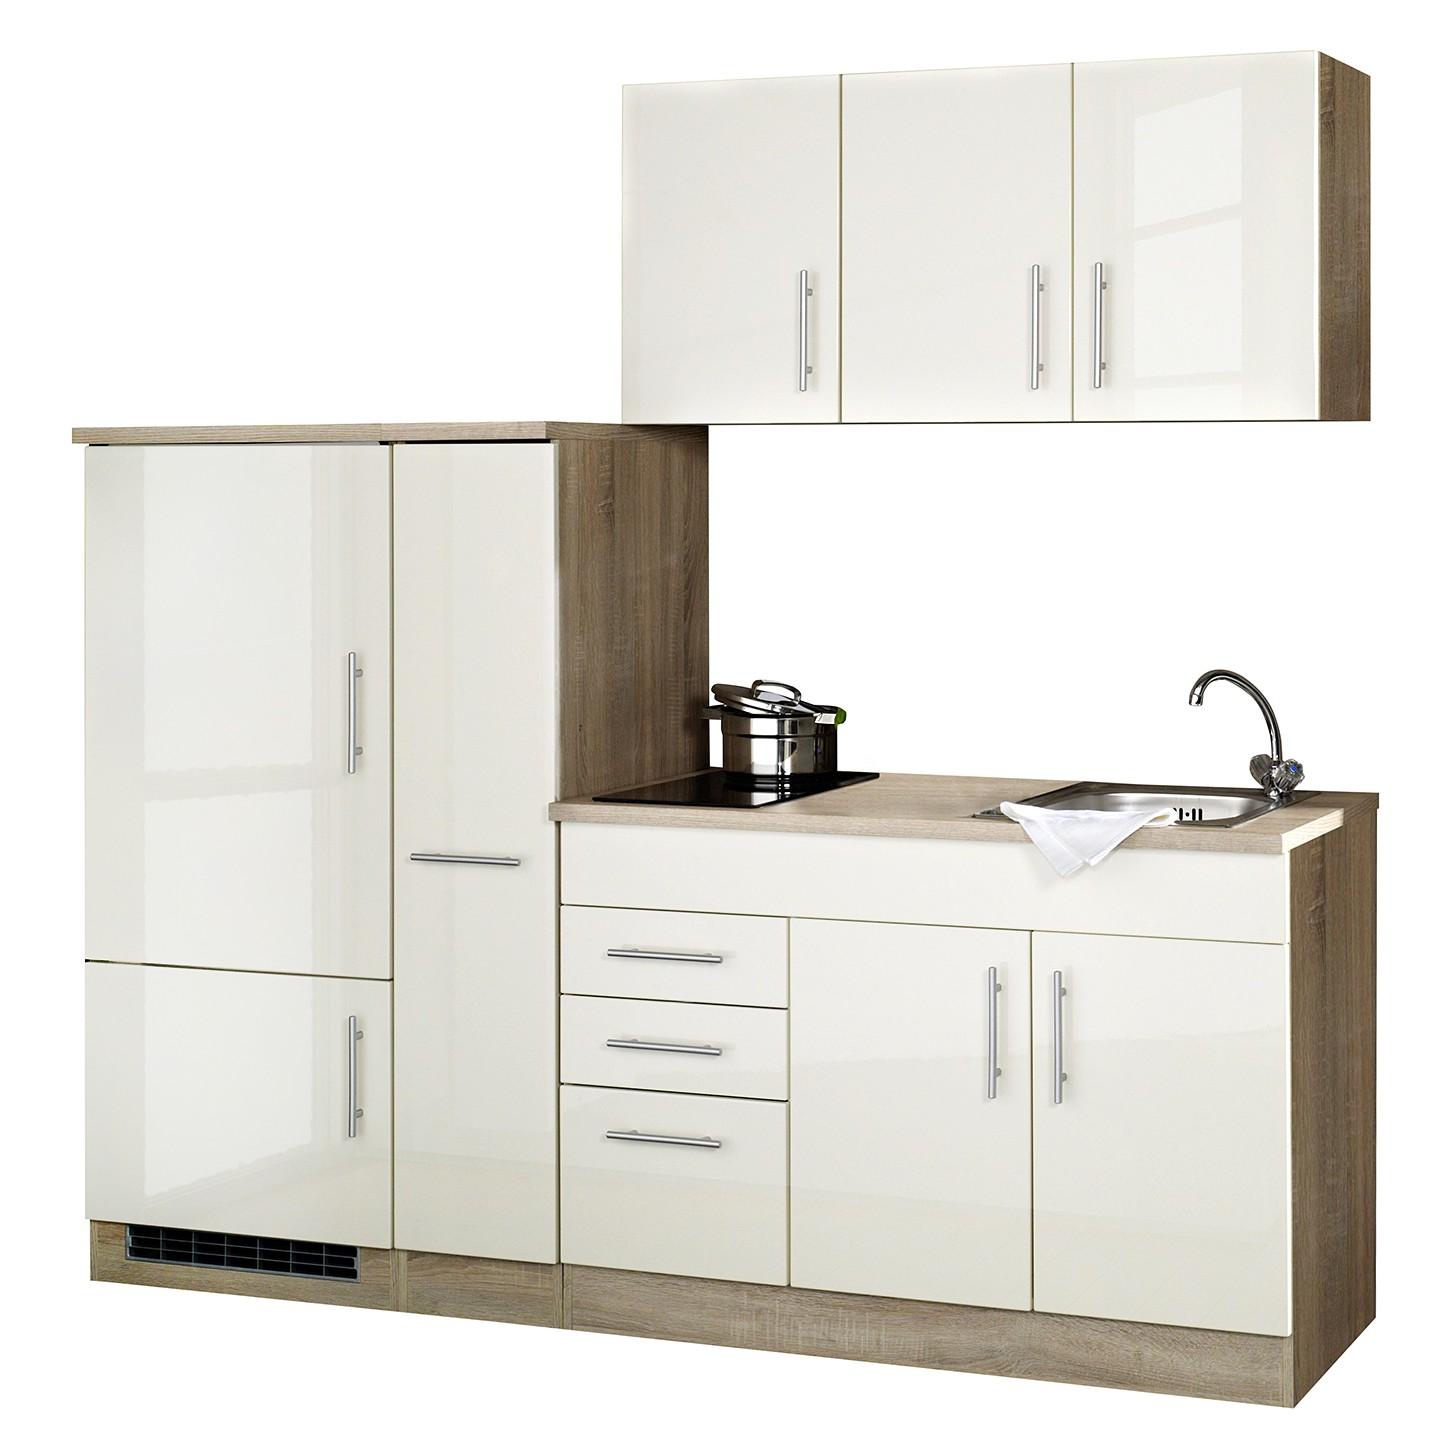 home24 Kuechenzeile Toronto II   Küche und Esszimmer > Küchen   Beige   Held Moebel